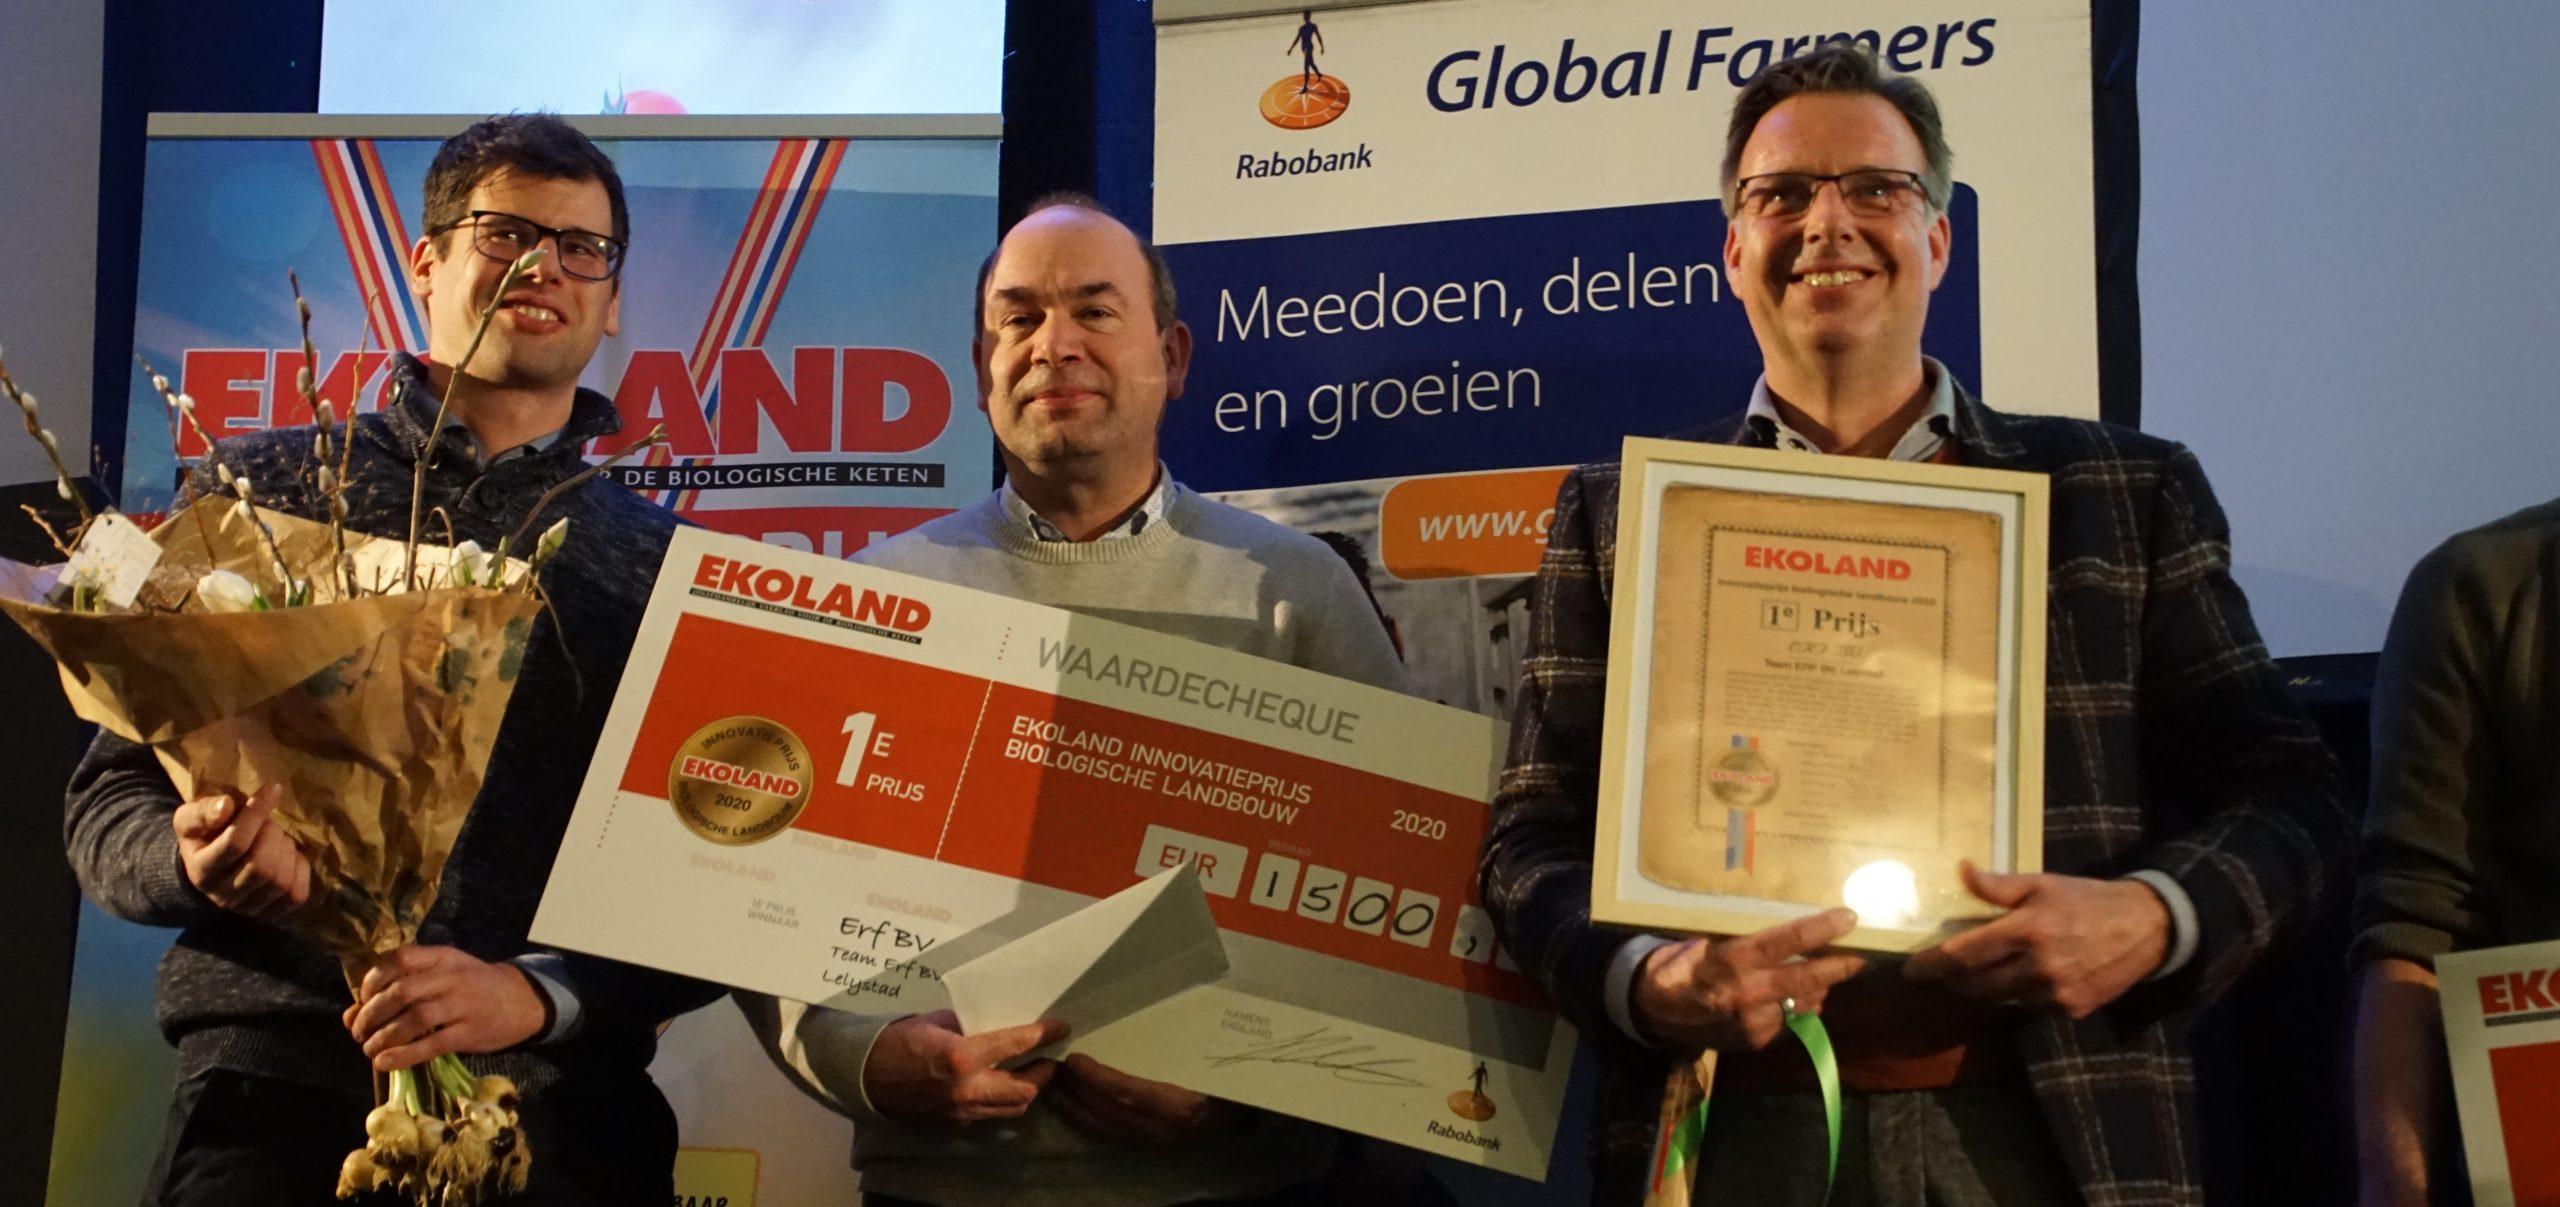 BioBeurs Ekoland Innovatieprijs 2020 eerste